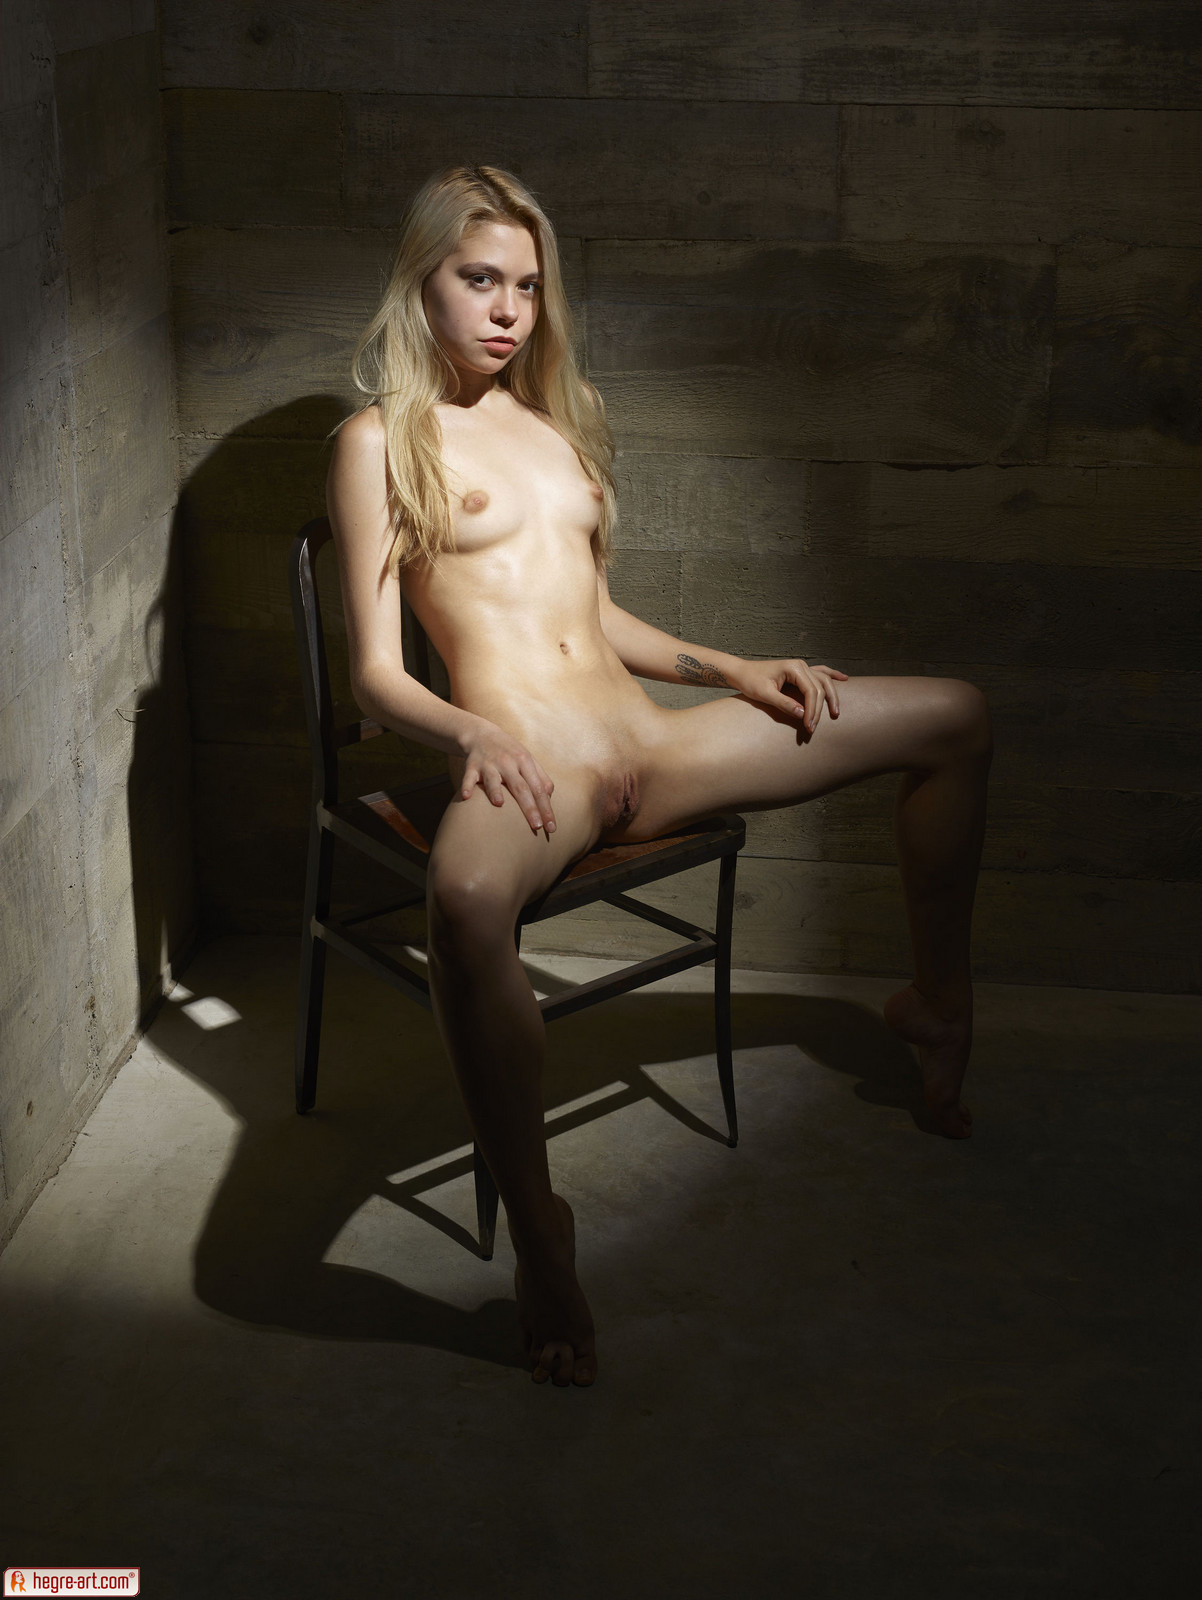 Zdjęcie porno - 0619 - Modelka na drewnianym krześle